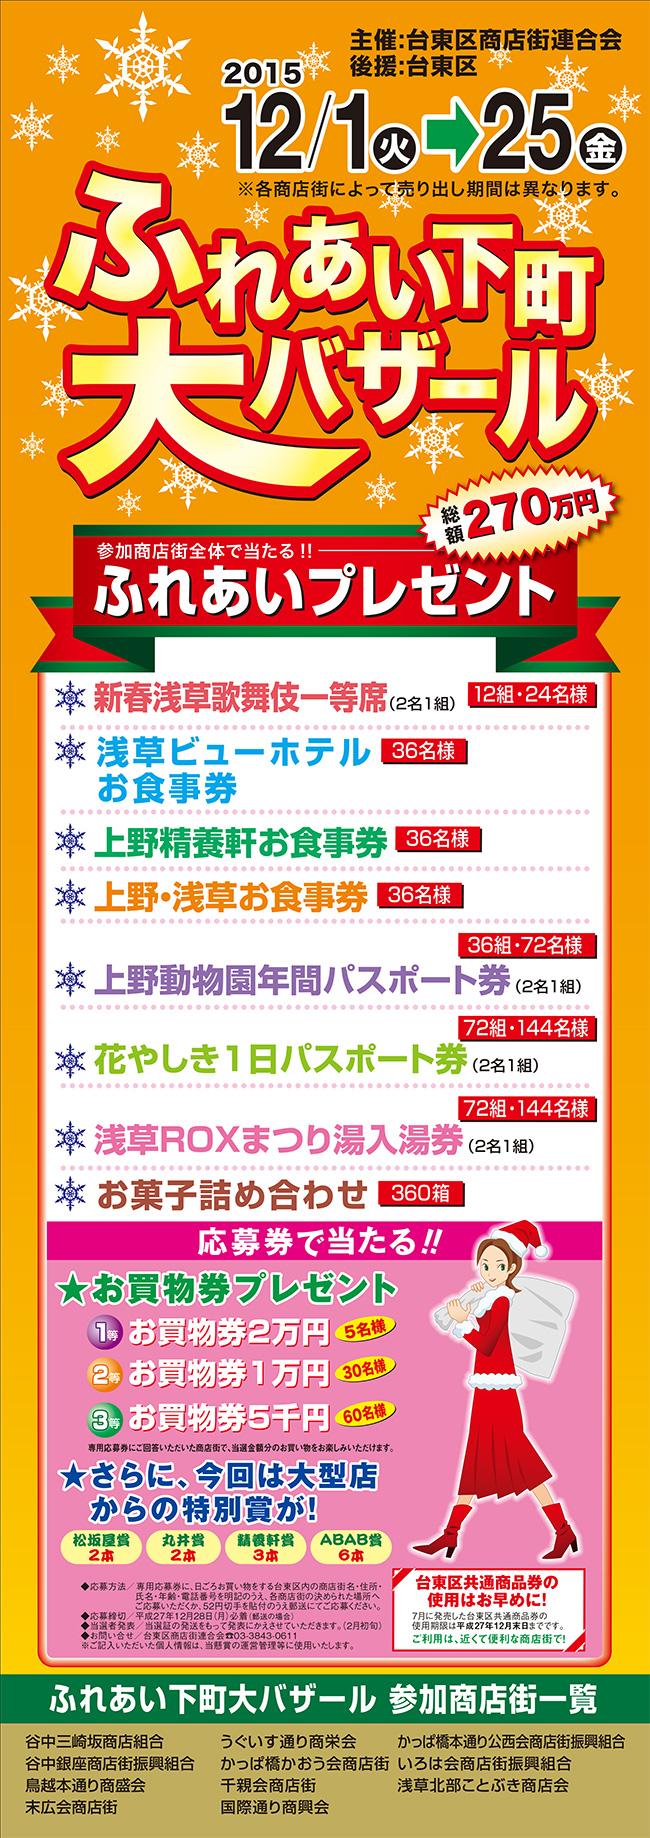 2015年度「ふれあい下町大バザール(歳末期)」開催!! 2015.12.1〜12.25